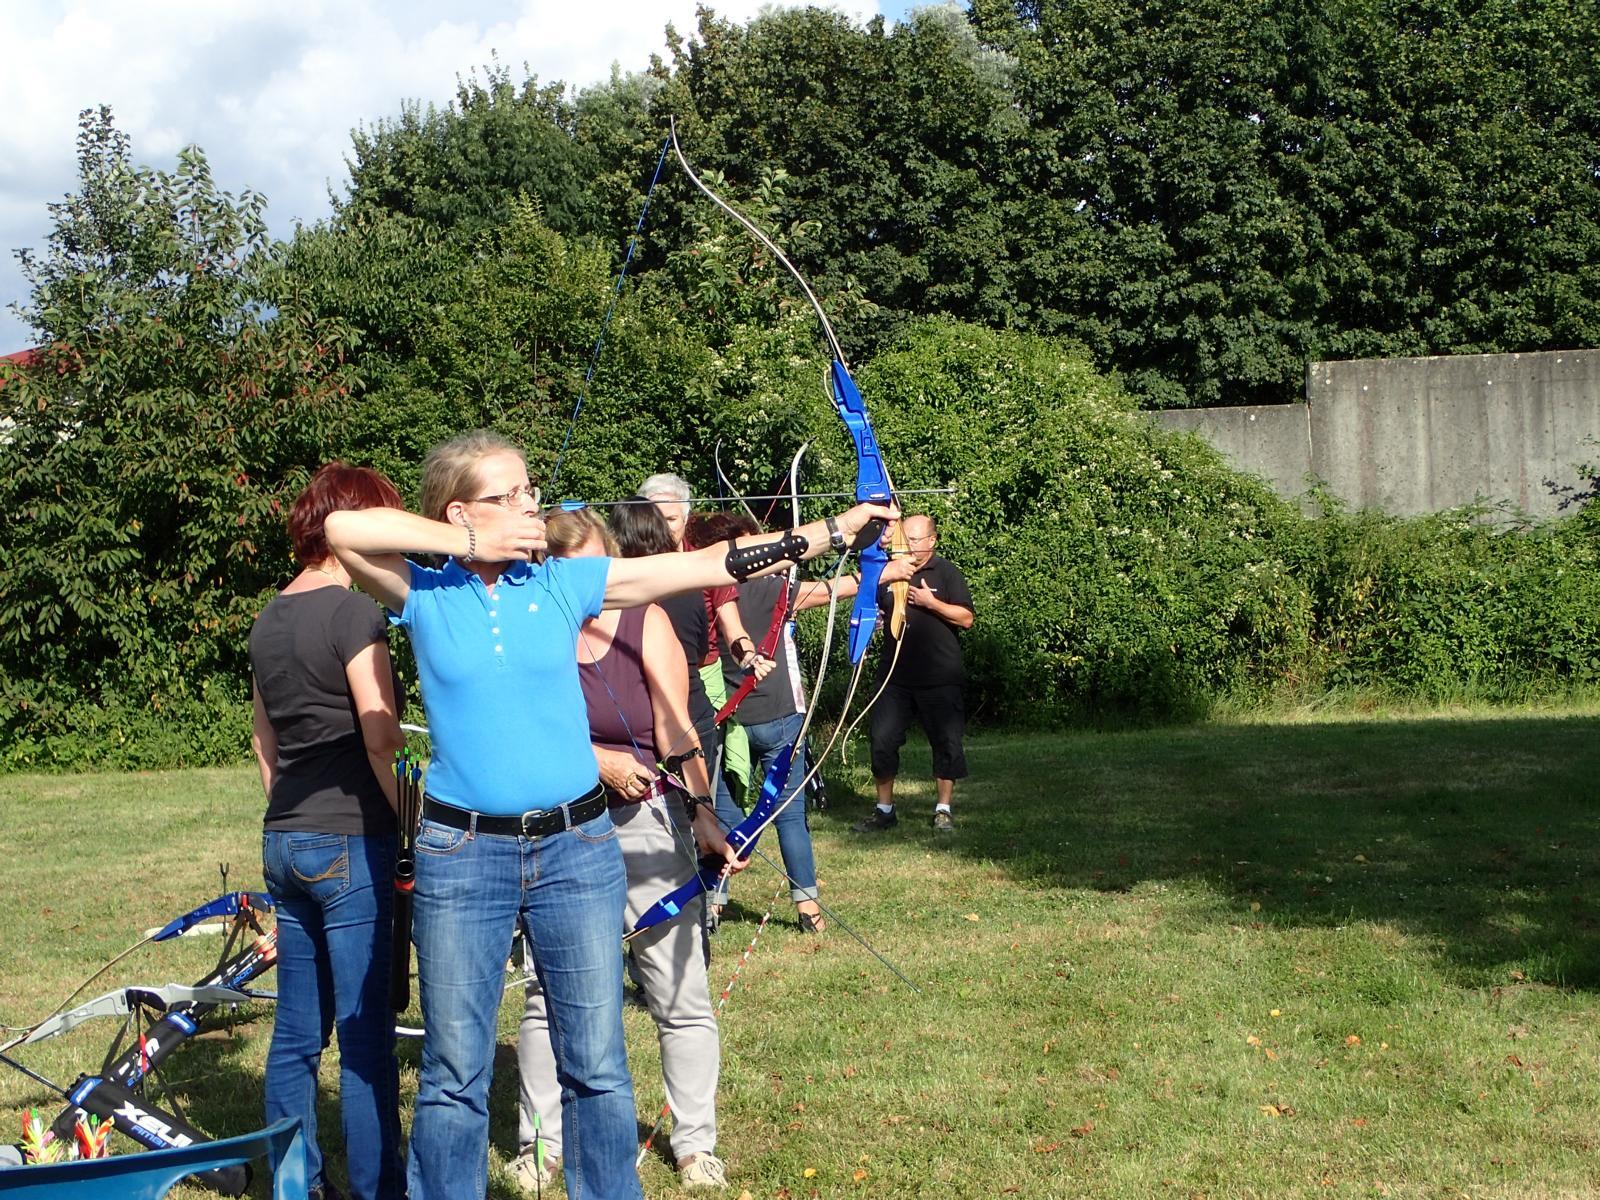 08-16 Bogenschießen in Rastatt - Jede hatte bald den Bogen raus